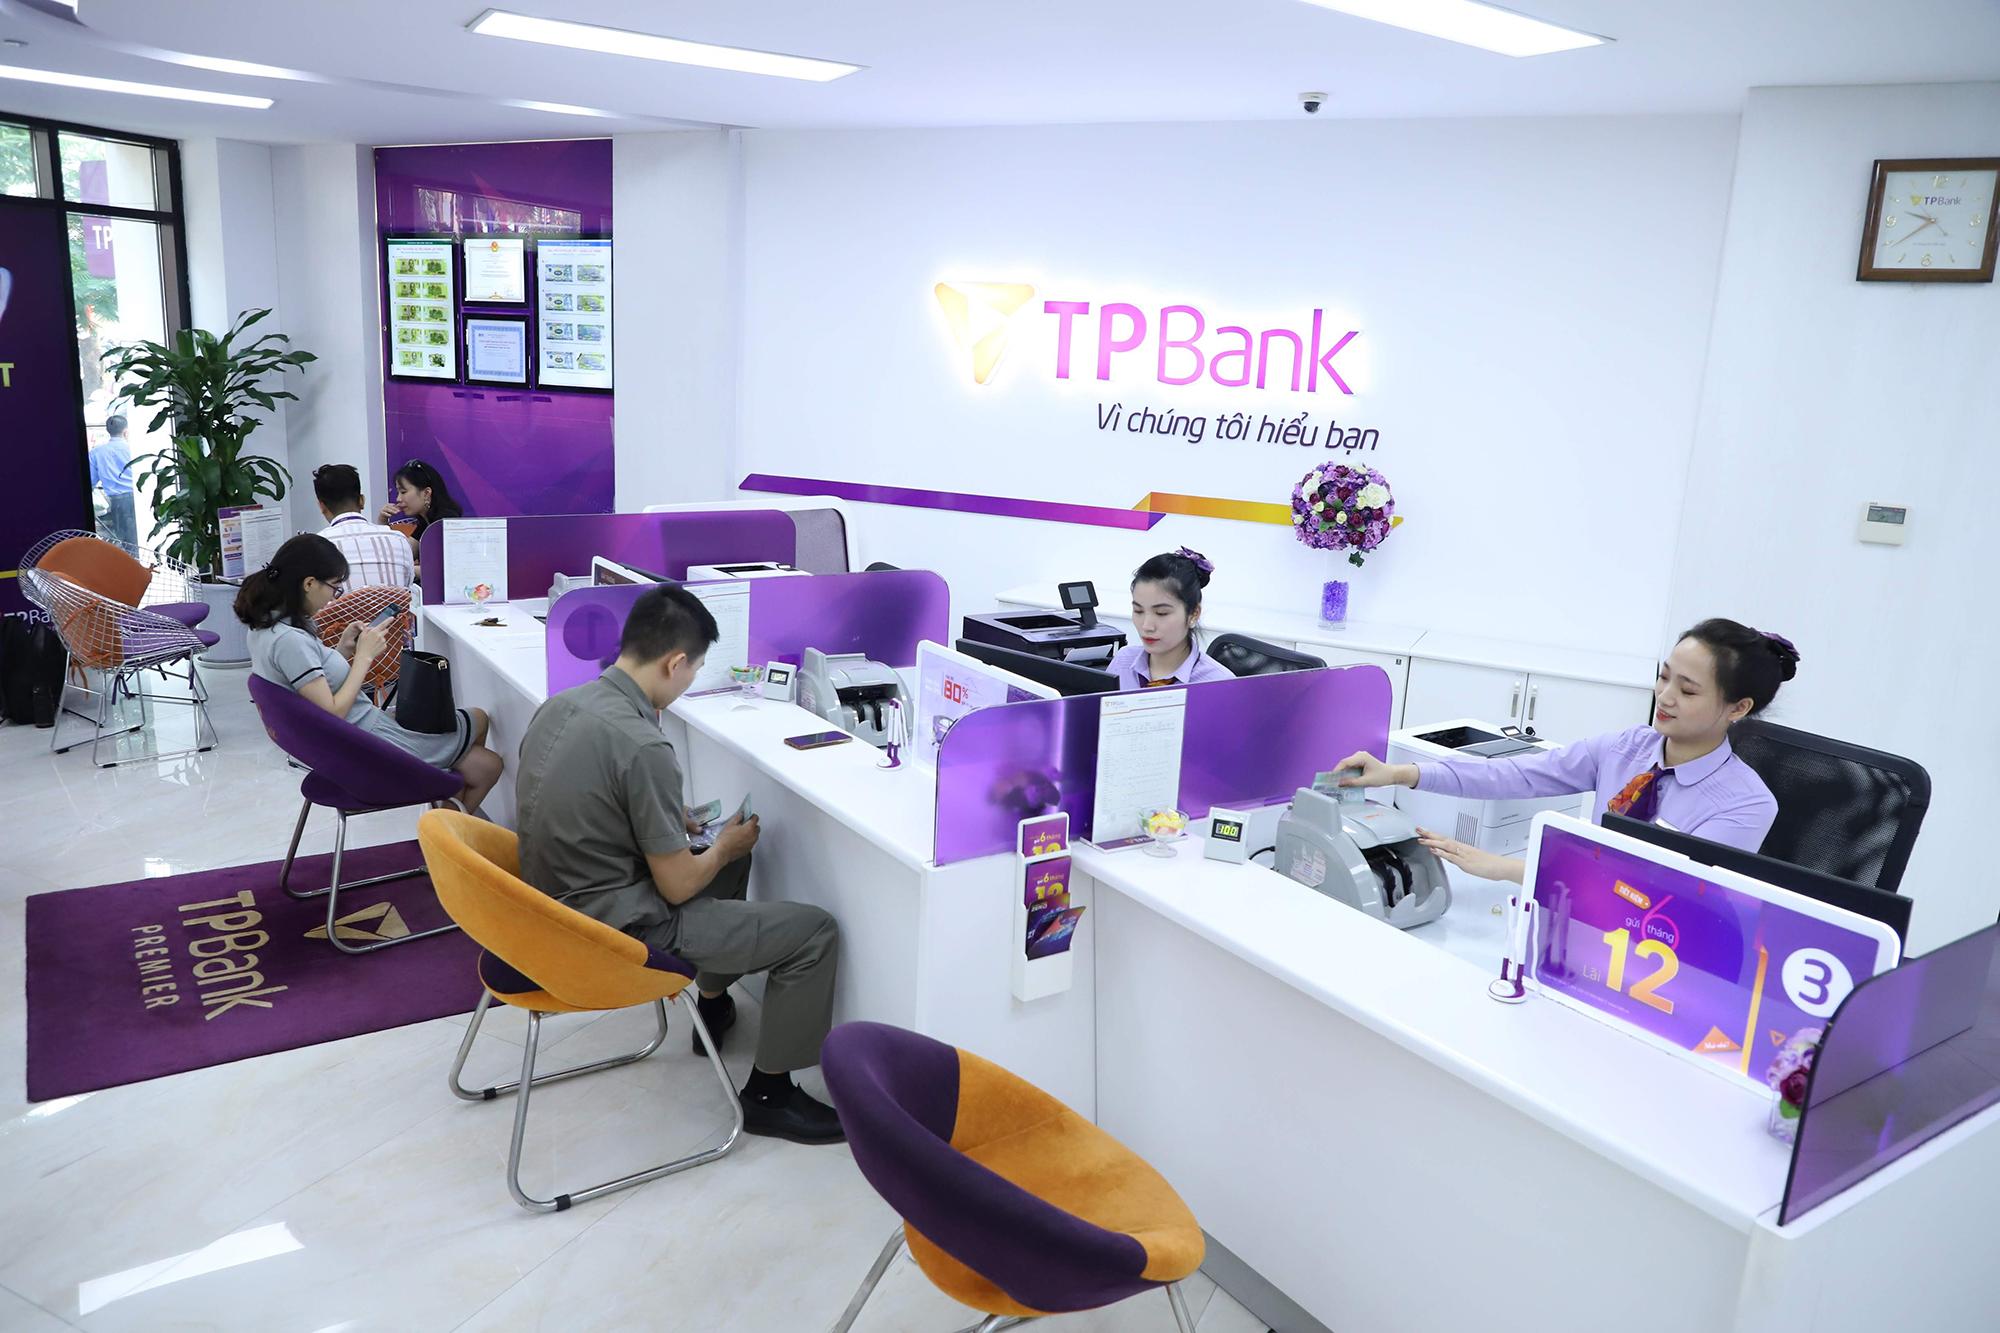 Khách hàng tới giao dịch tại TPBank khi chưa bùng phát dịch Covid-19. Sự kiên định với chiến lược số hóa và những thành tựu đạt được giúp TPBank trở thành một trong những ngân hàng dẫn đầu về chuyển đổi số tại Việt Nam. Ảnh: TPBank